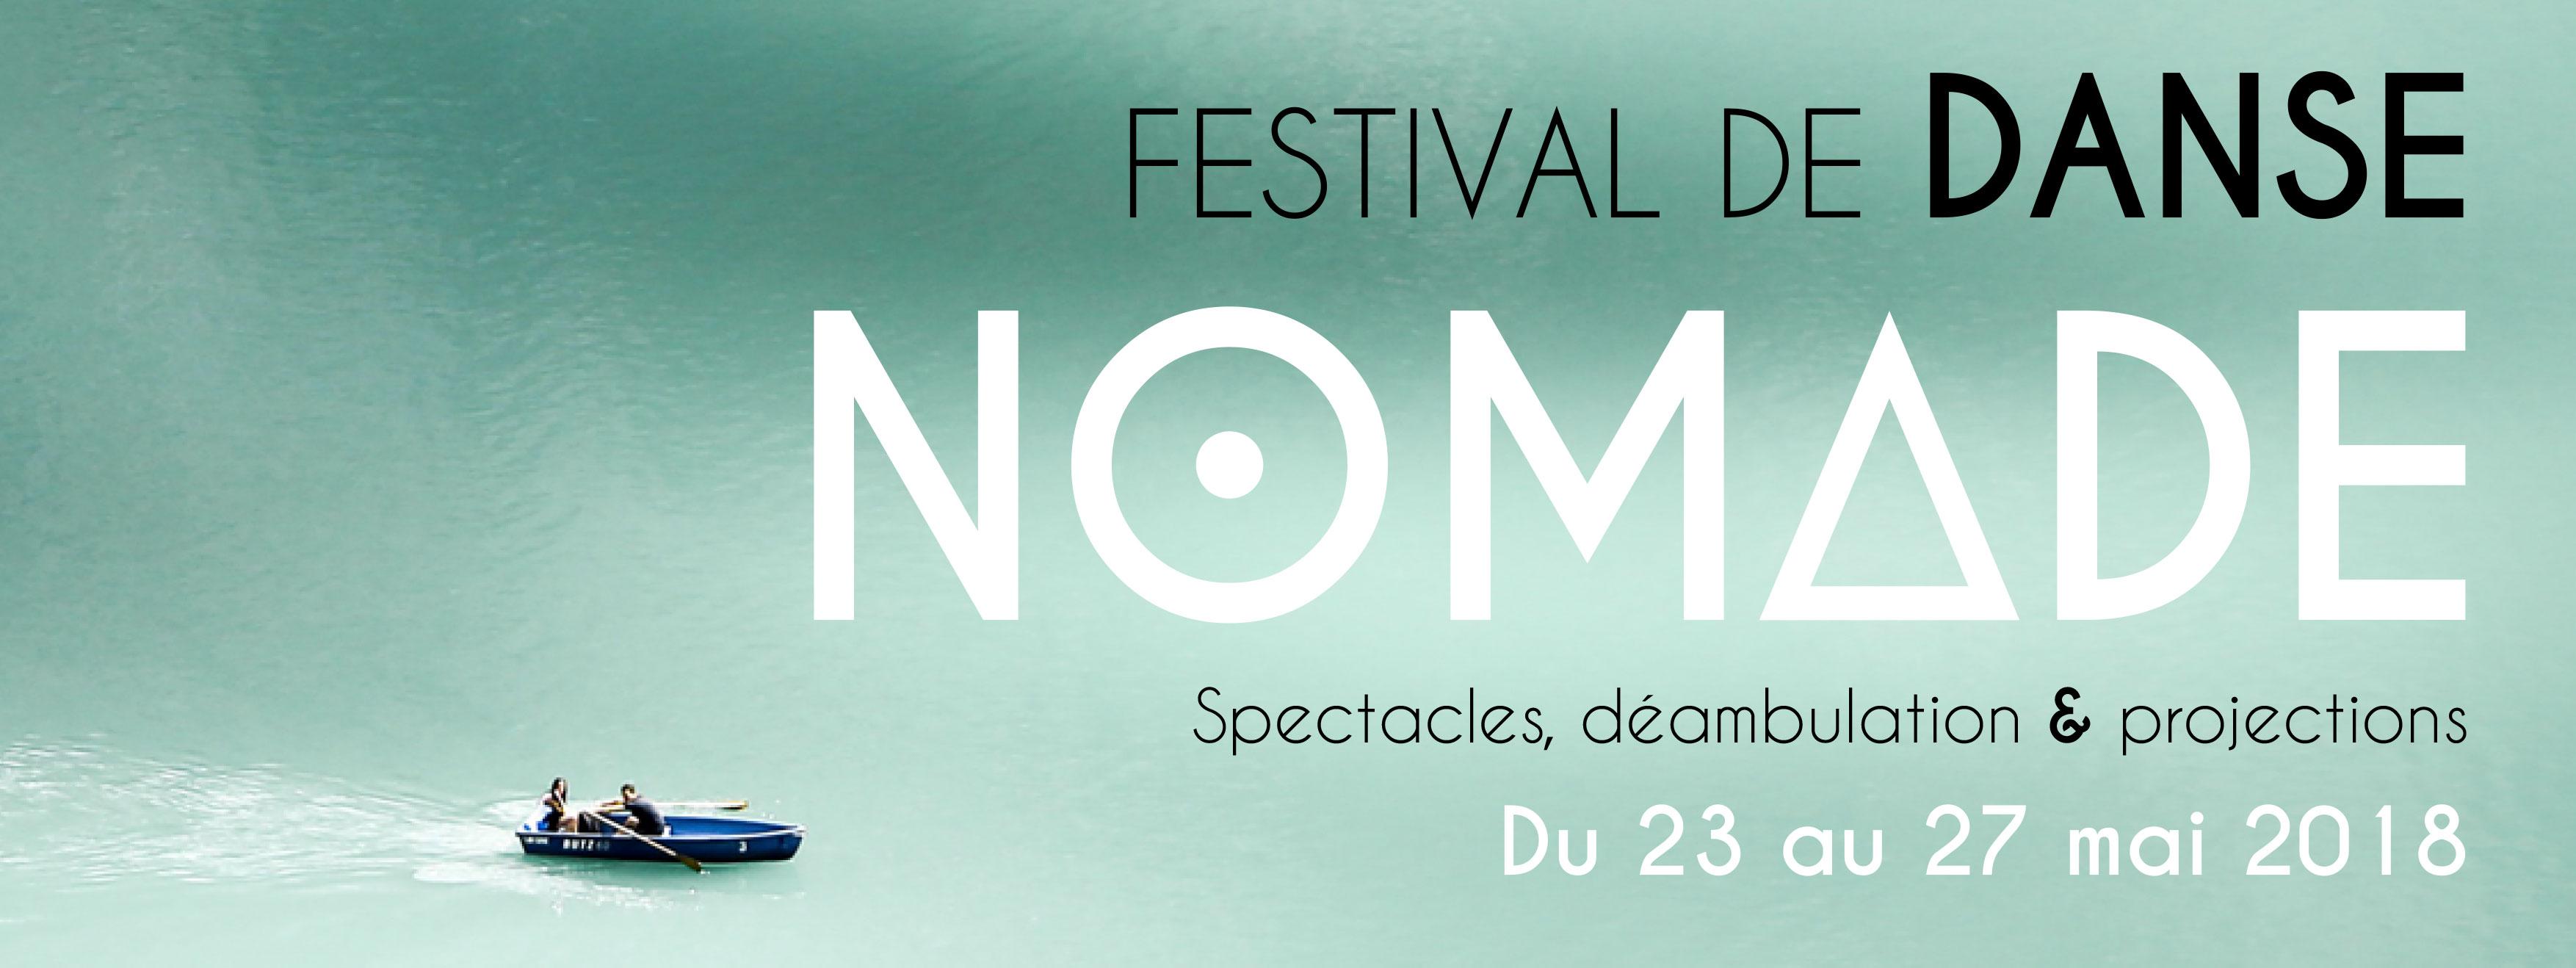 Une barque sur lac et affichage Festival de danse Nomade